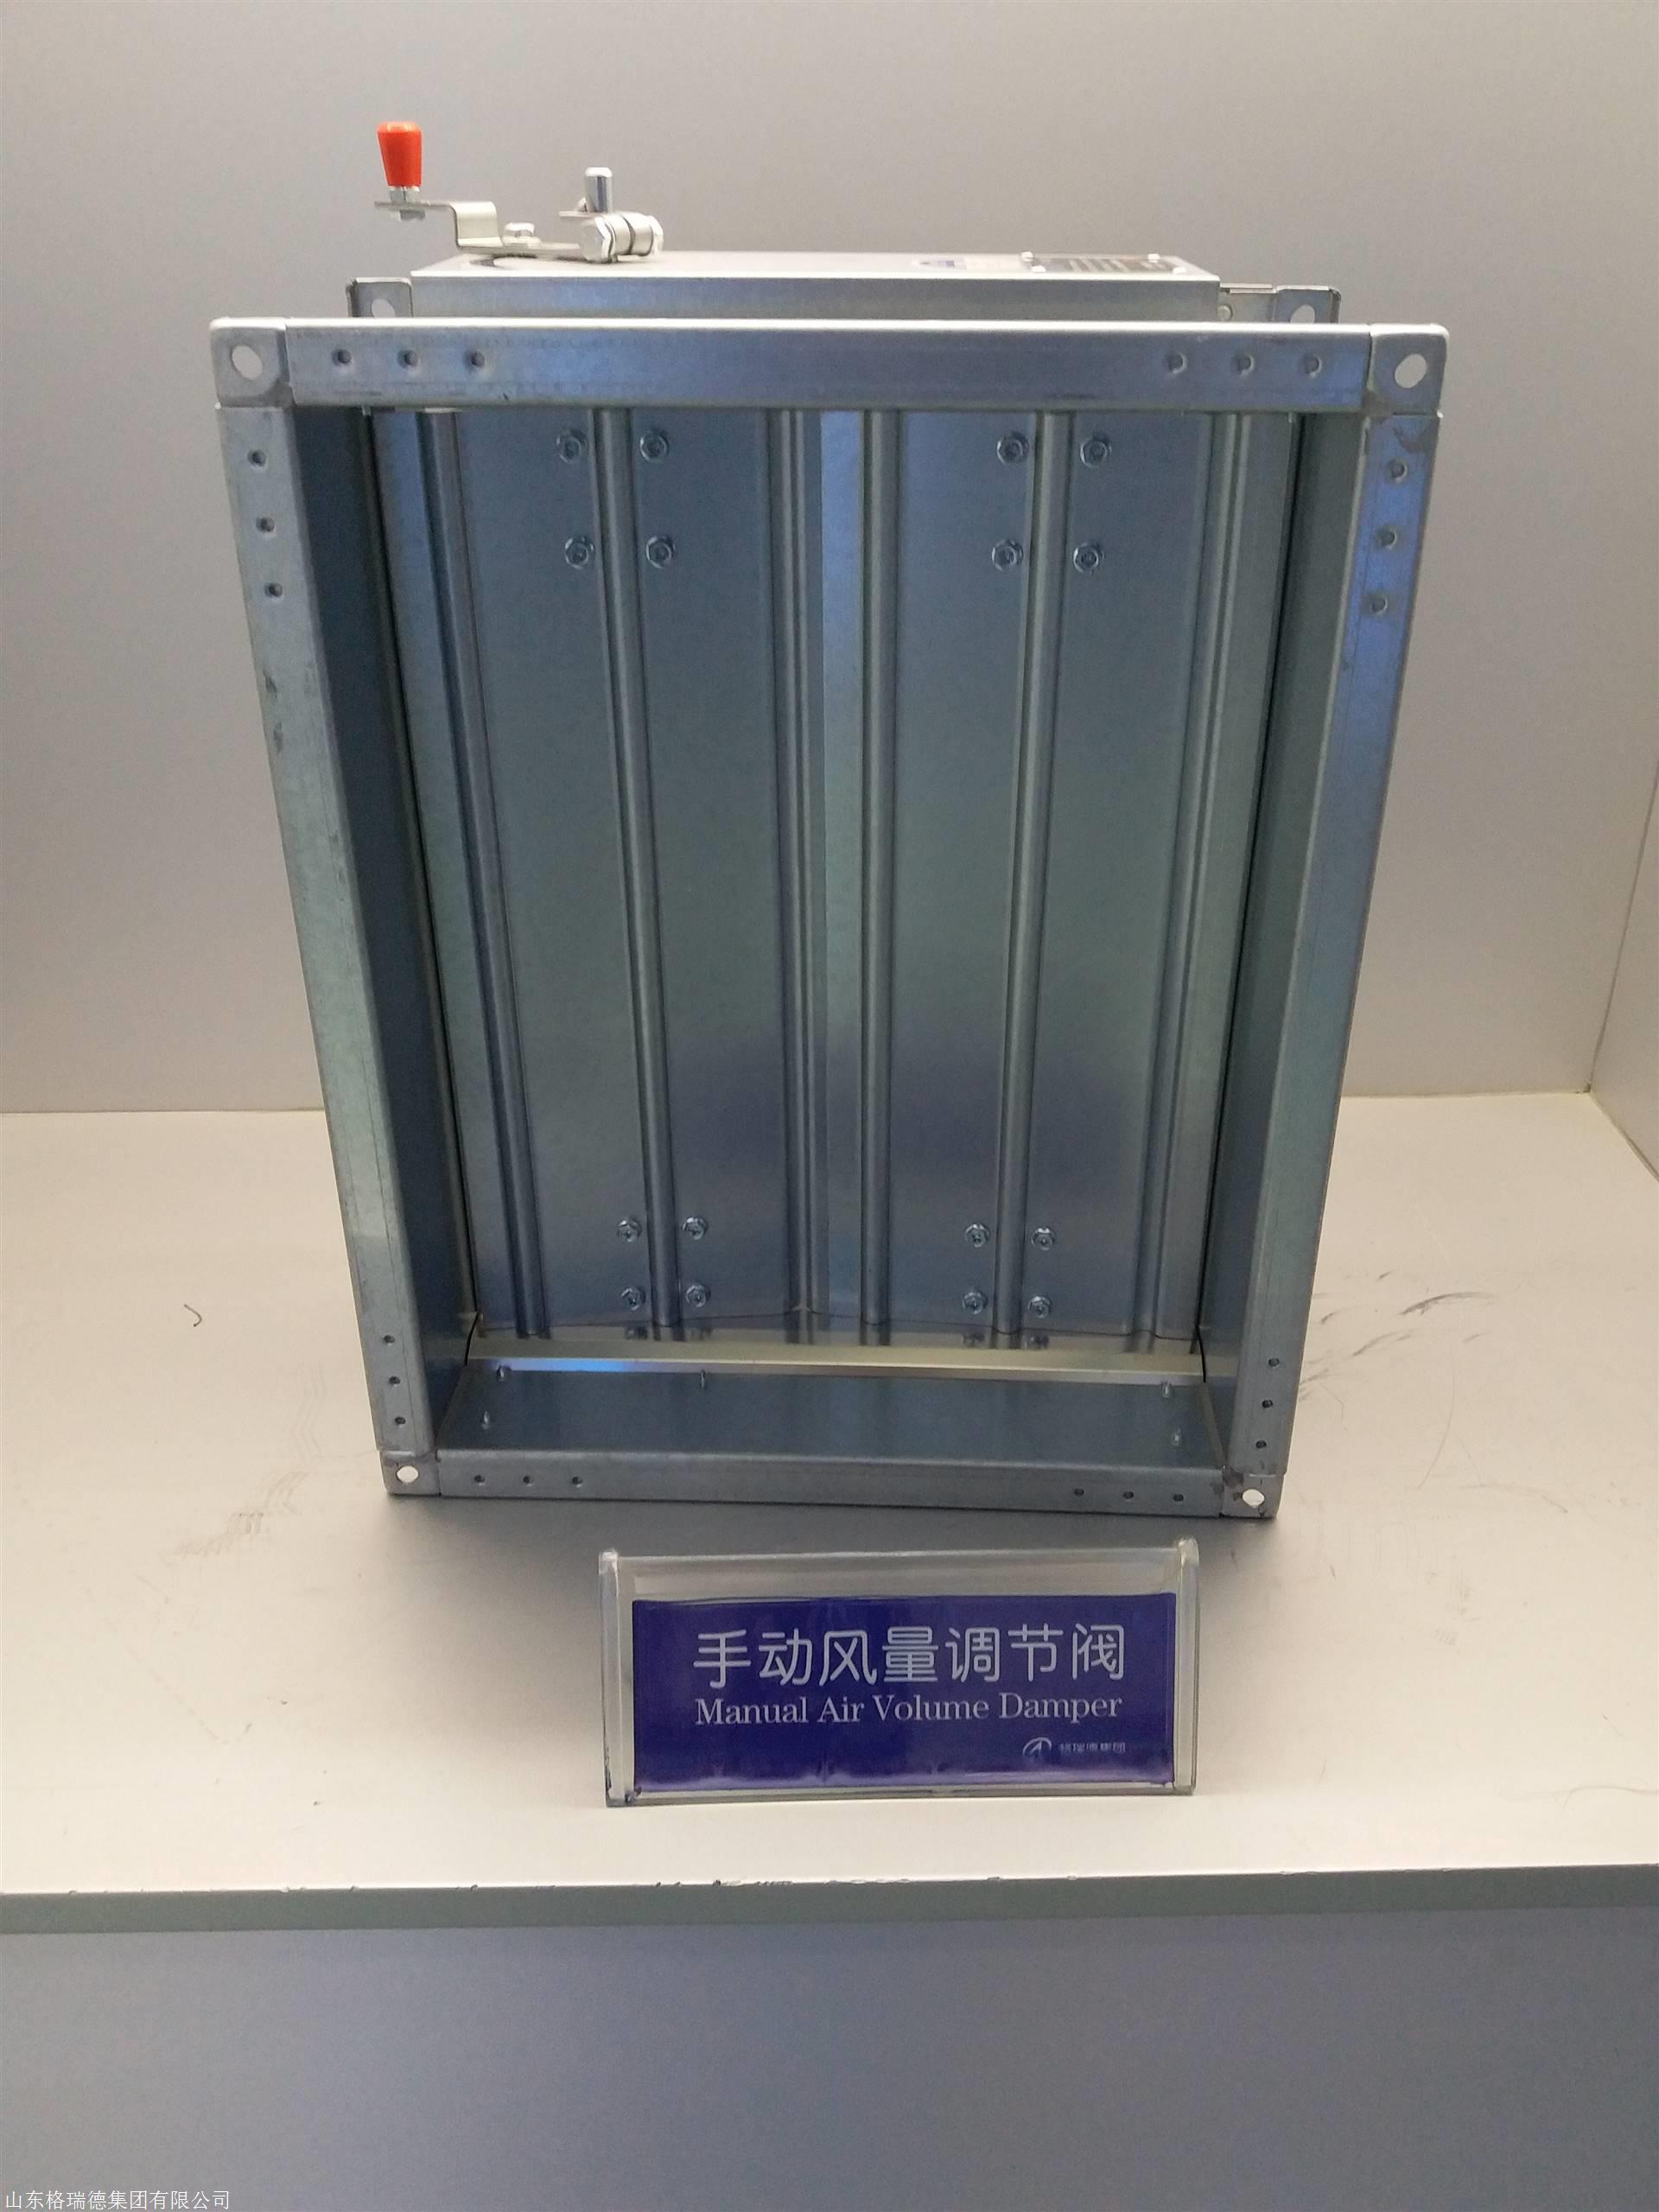 格瑞德集团-3c防火阀/风量调节阀/手动电动调节阀/280图片